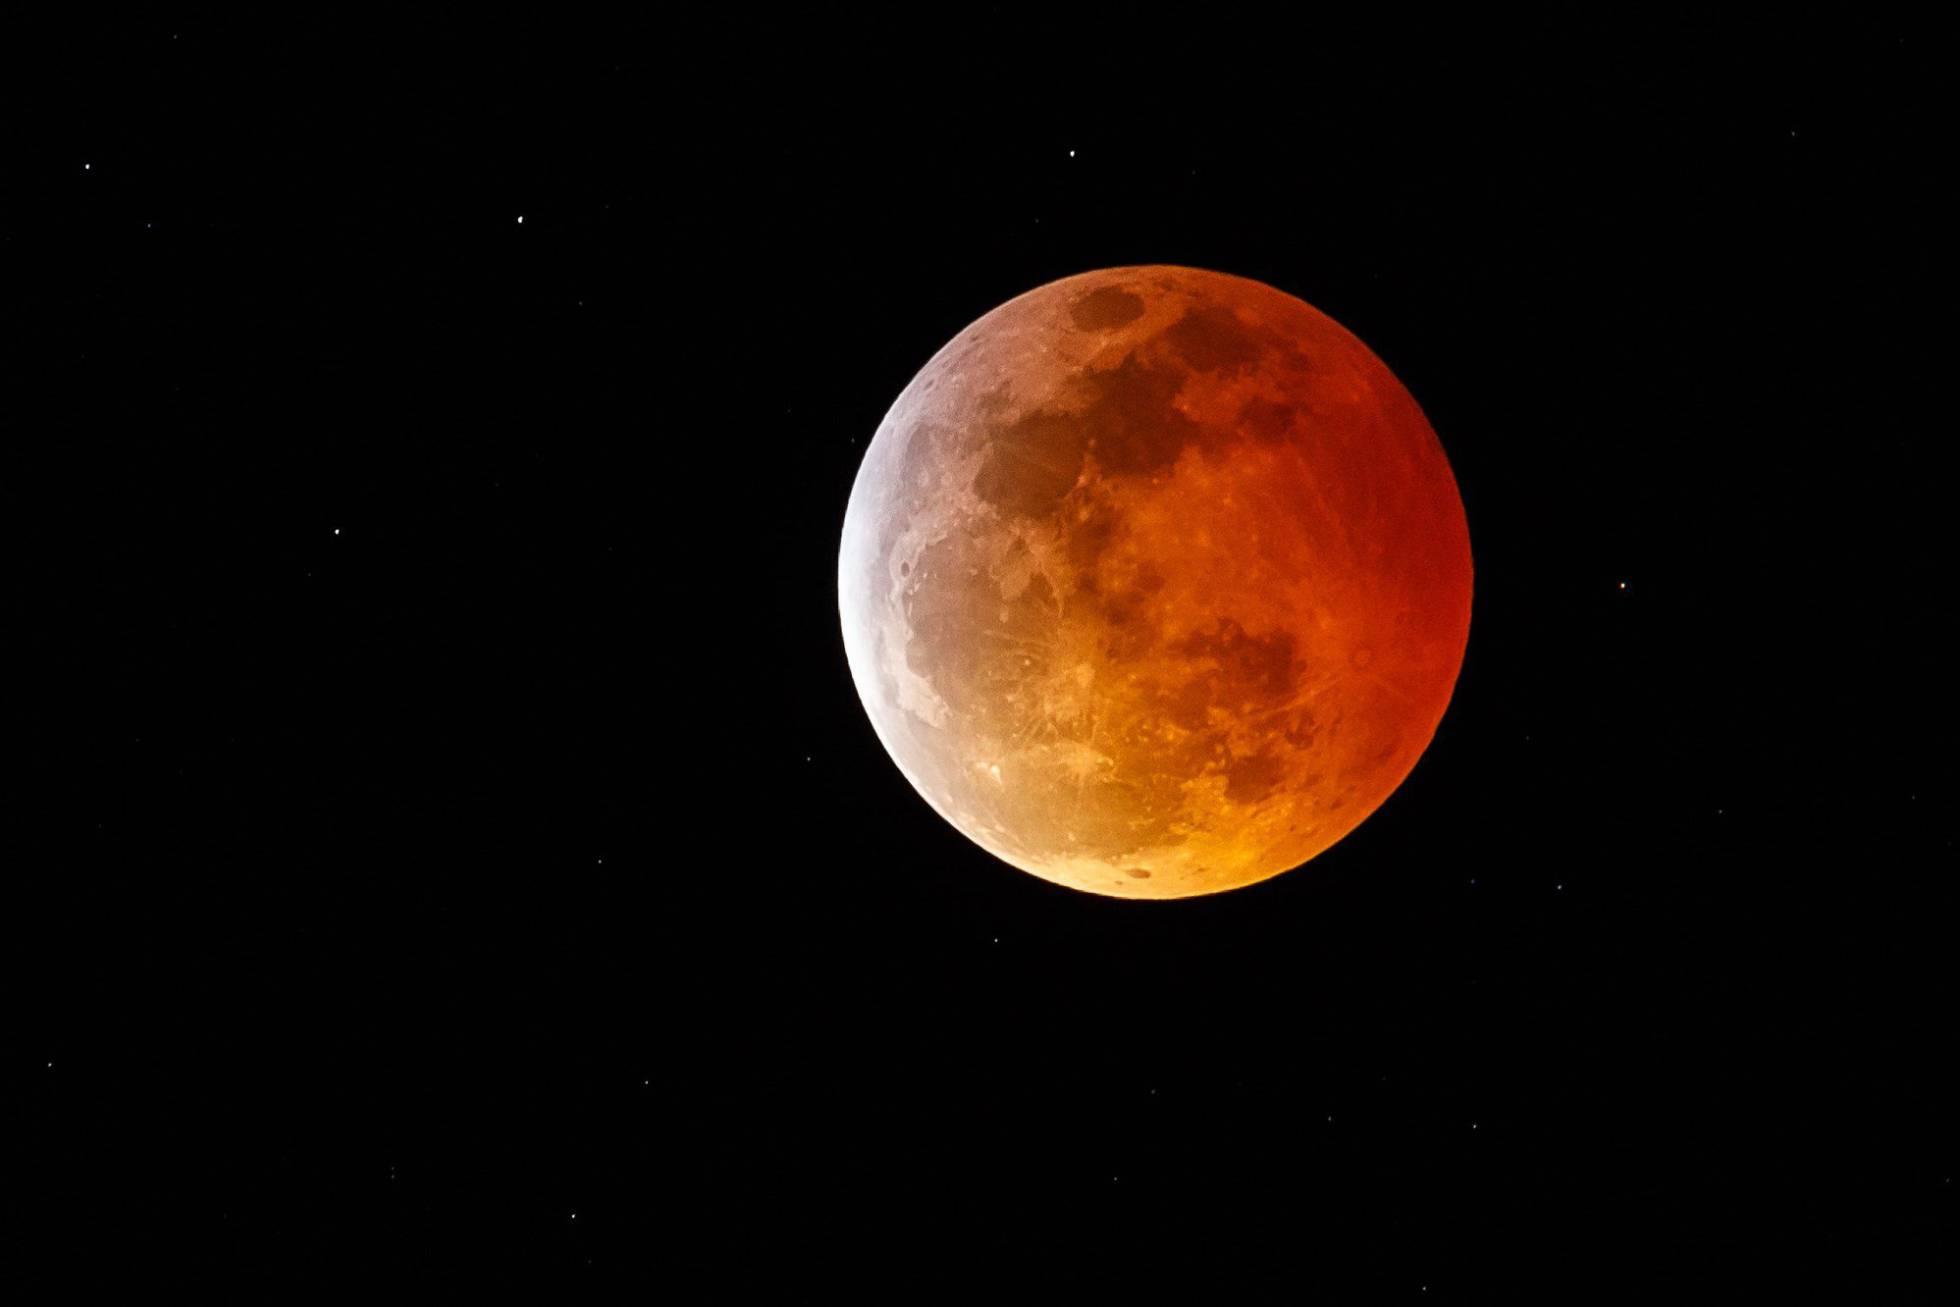 blood moon tonight in arkansas - photo #9